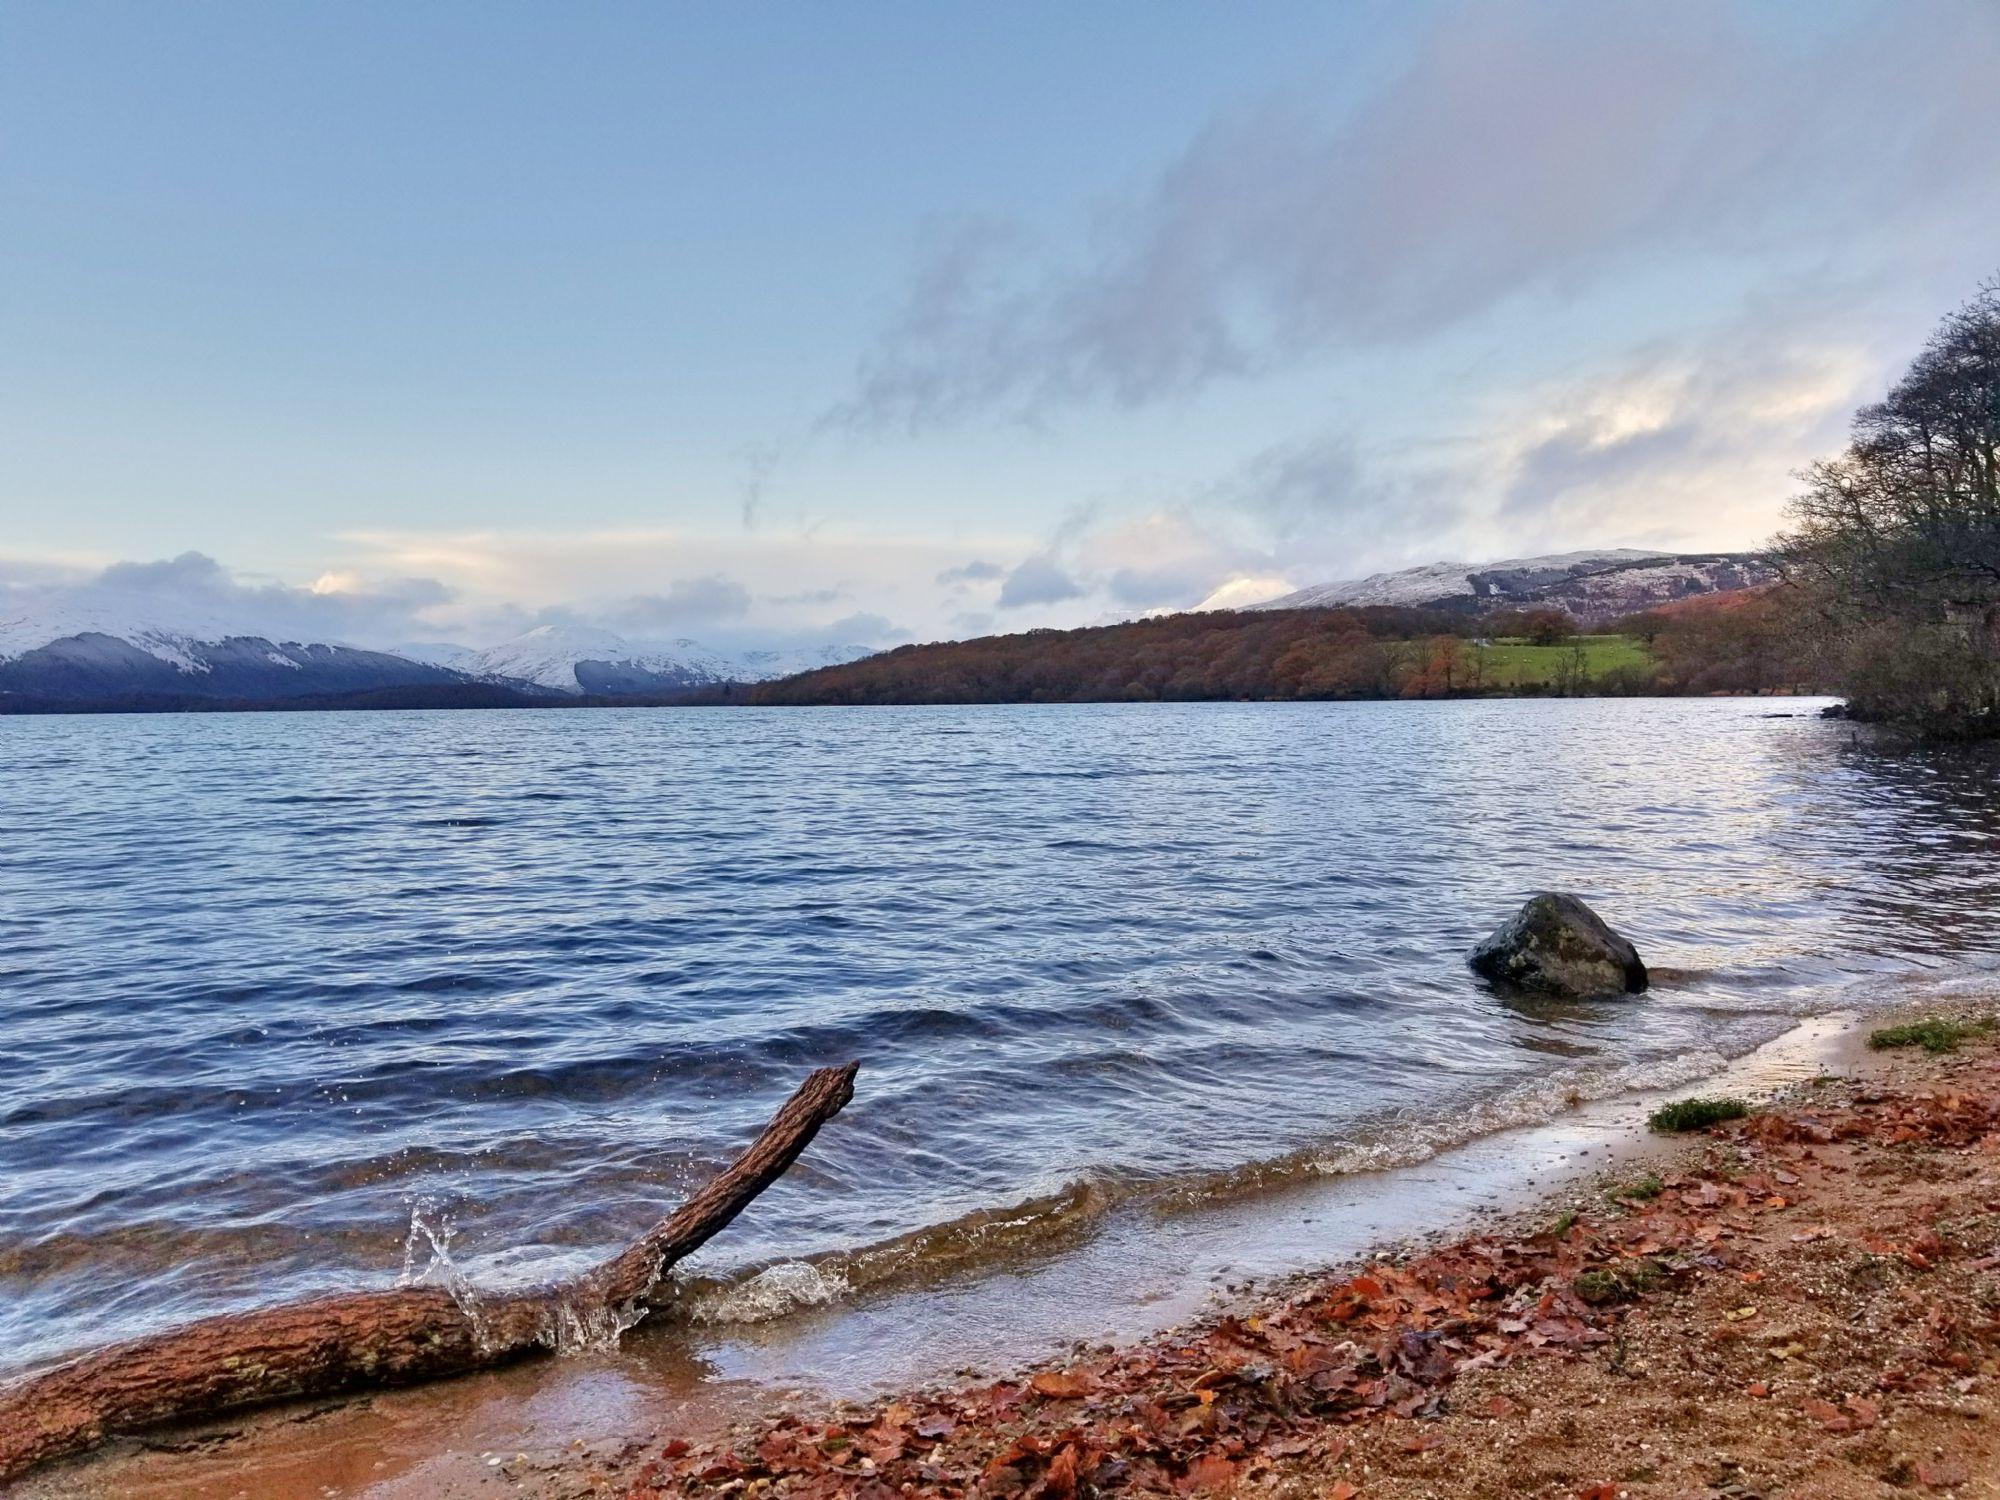 Reflecting at Loch Lomond